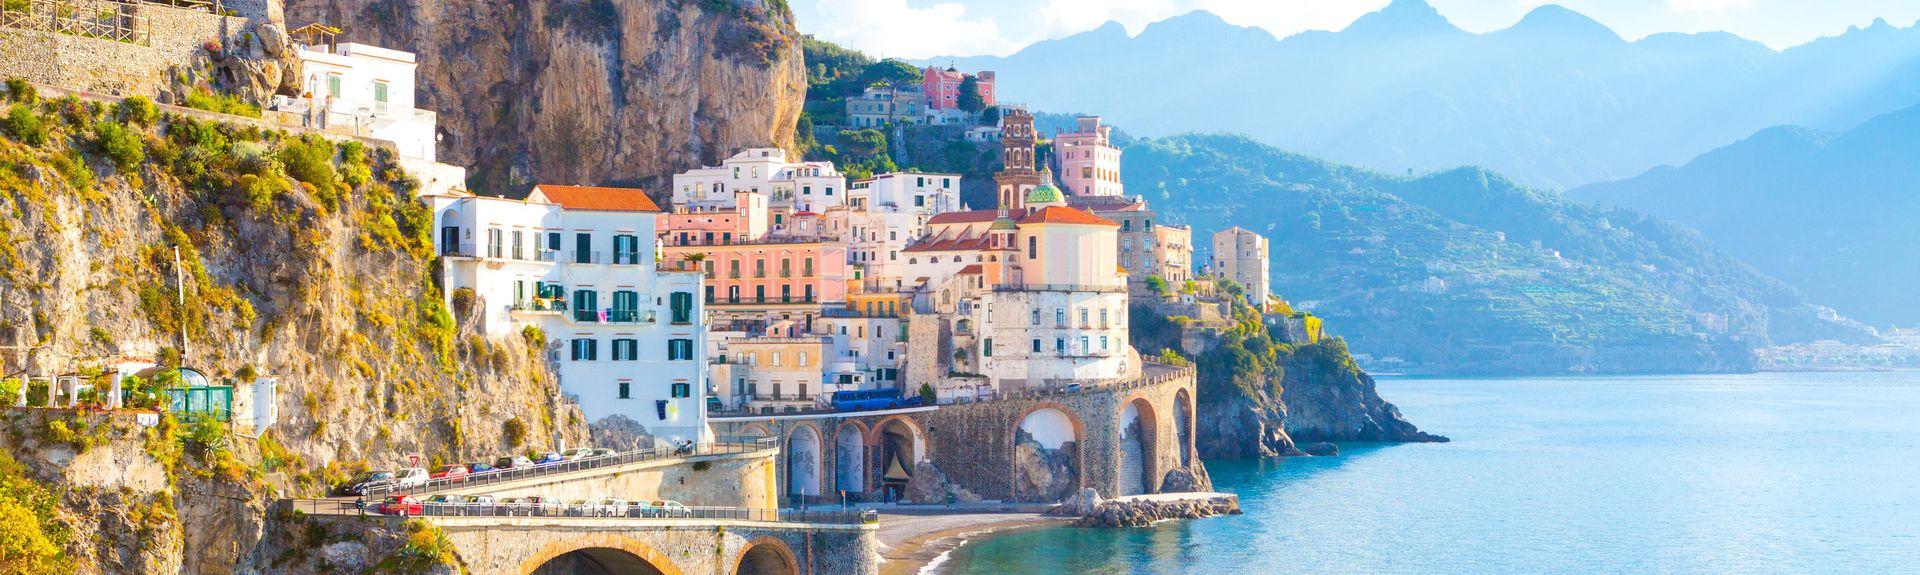 Torre del Greco, Campania, Italia